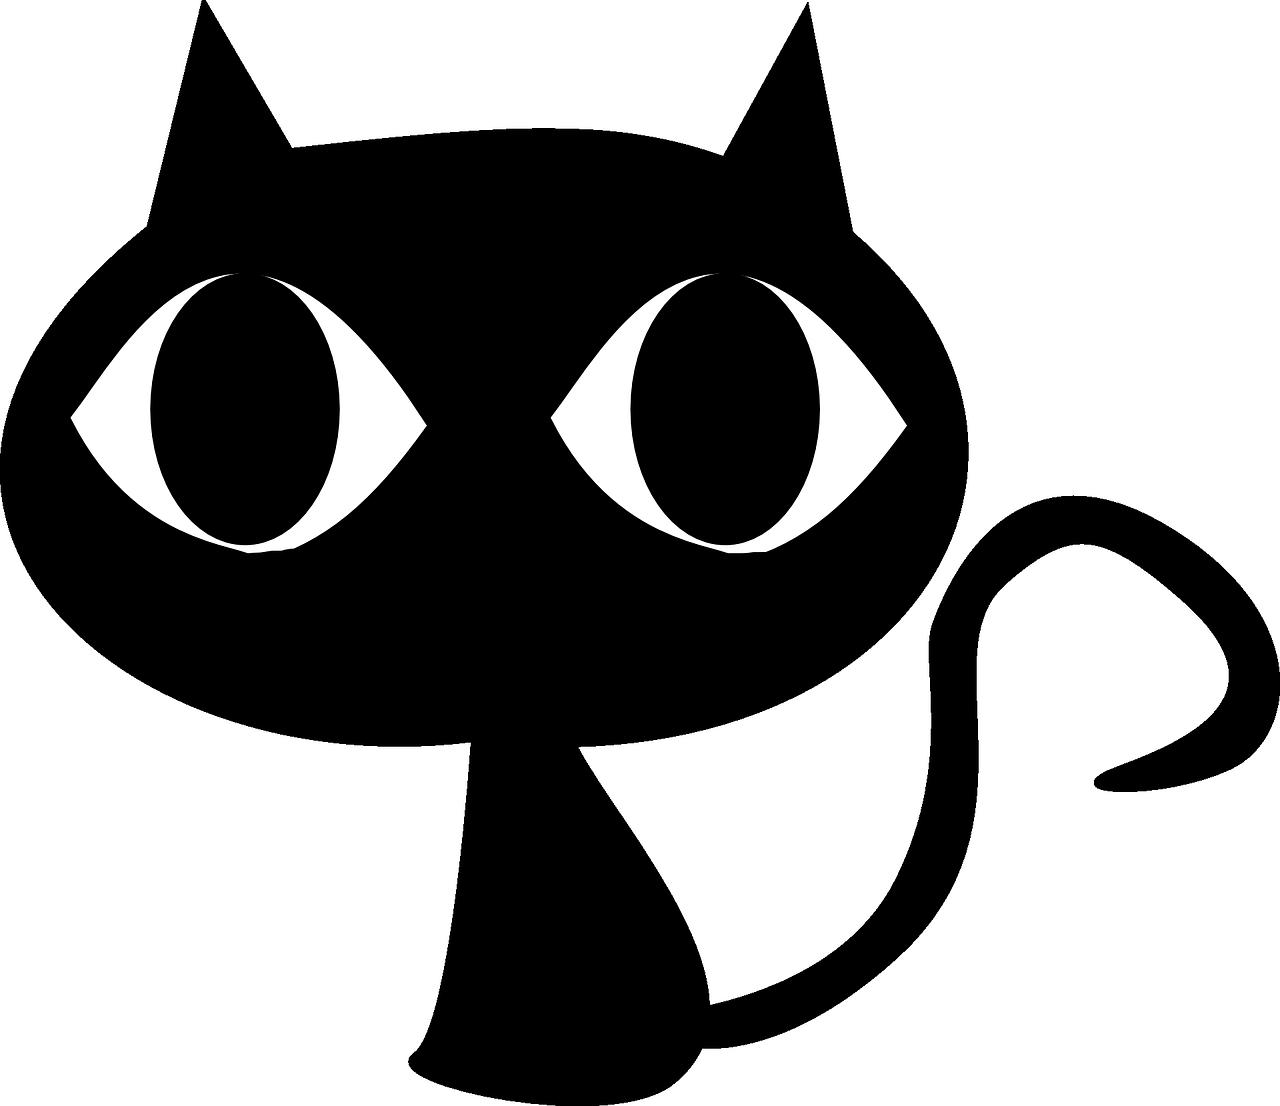 kucing hewan mata gambar vektor gratis di pixabay https creativecommons org licenses publicdomain